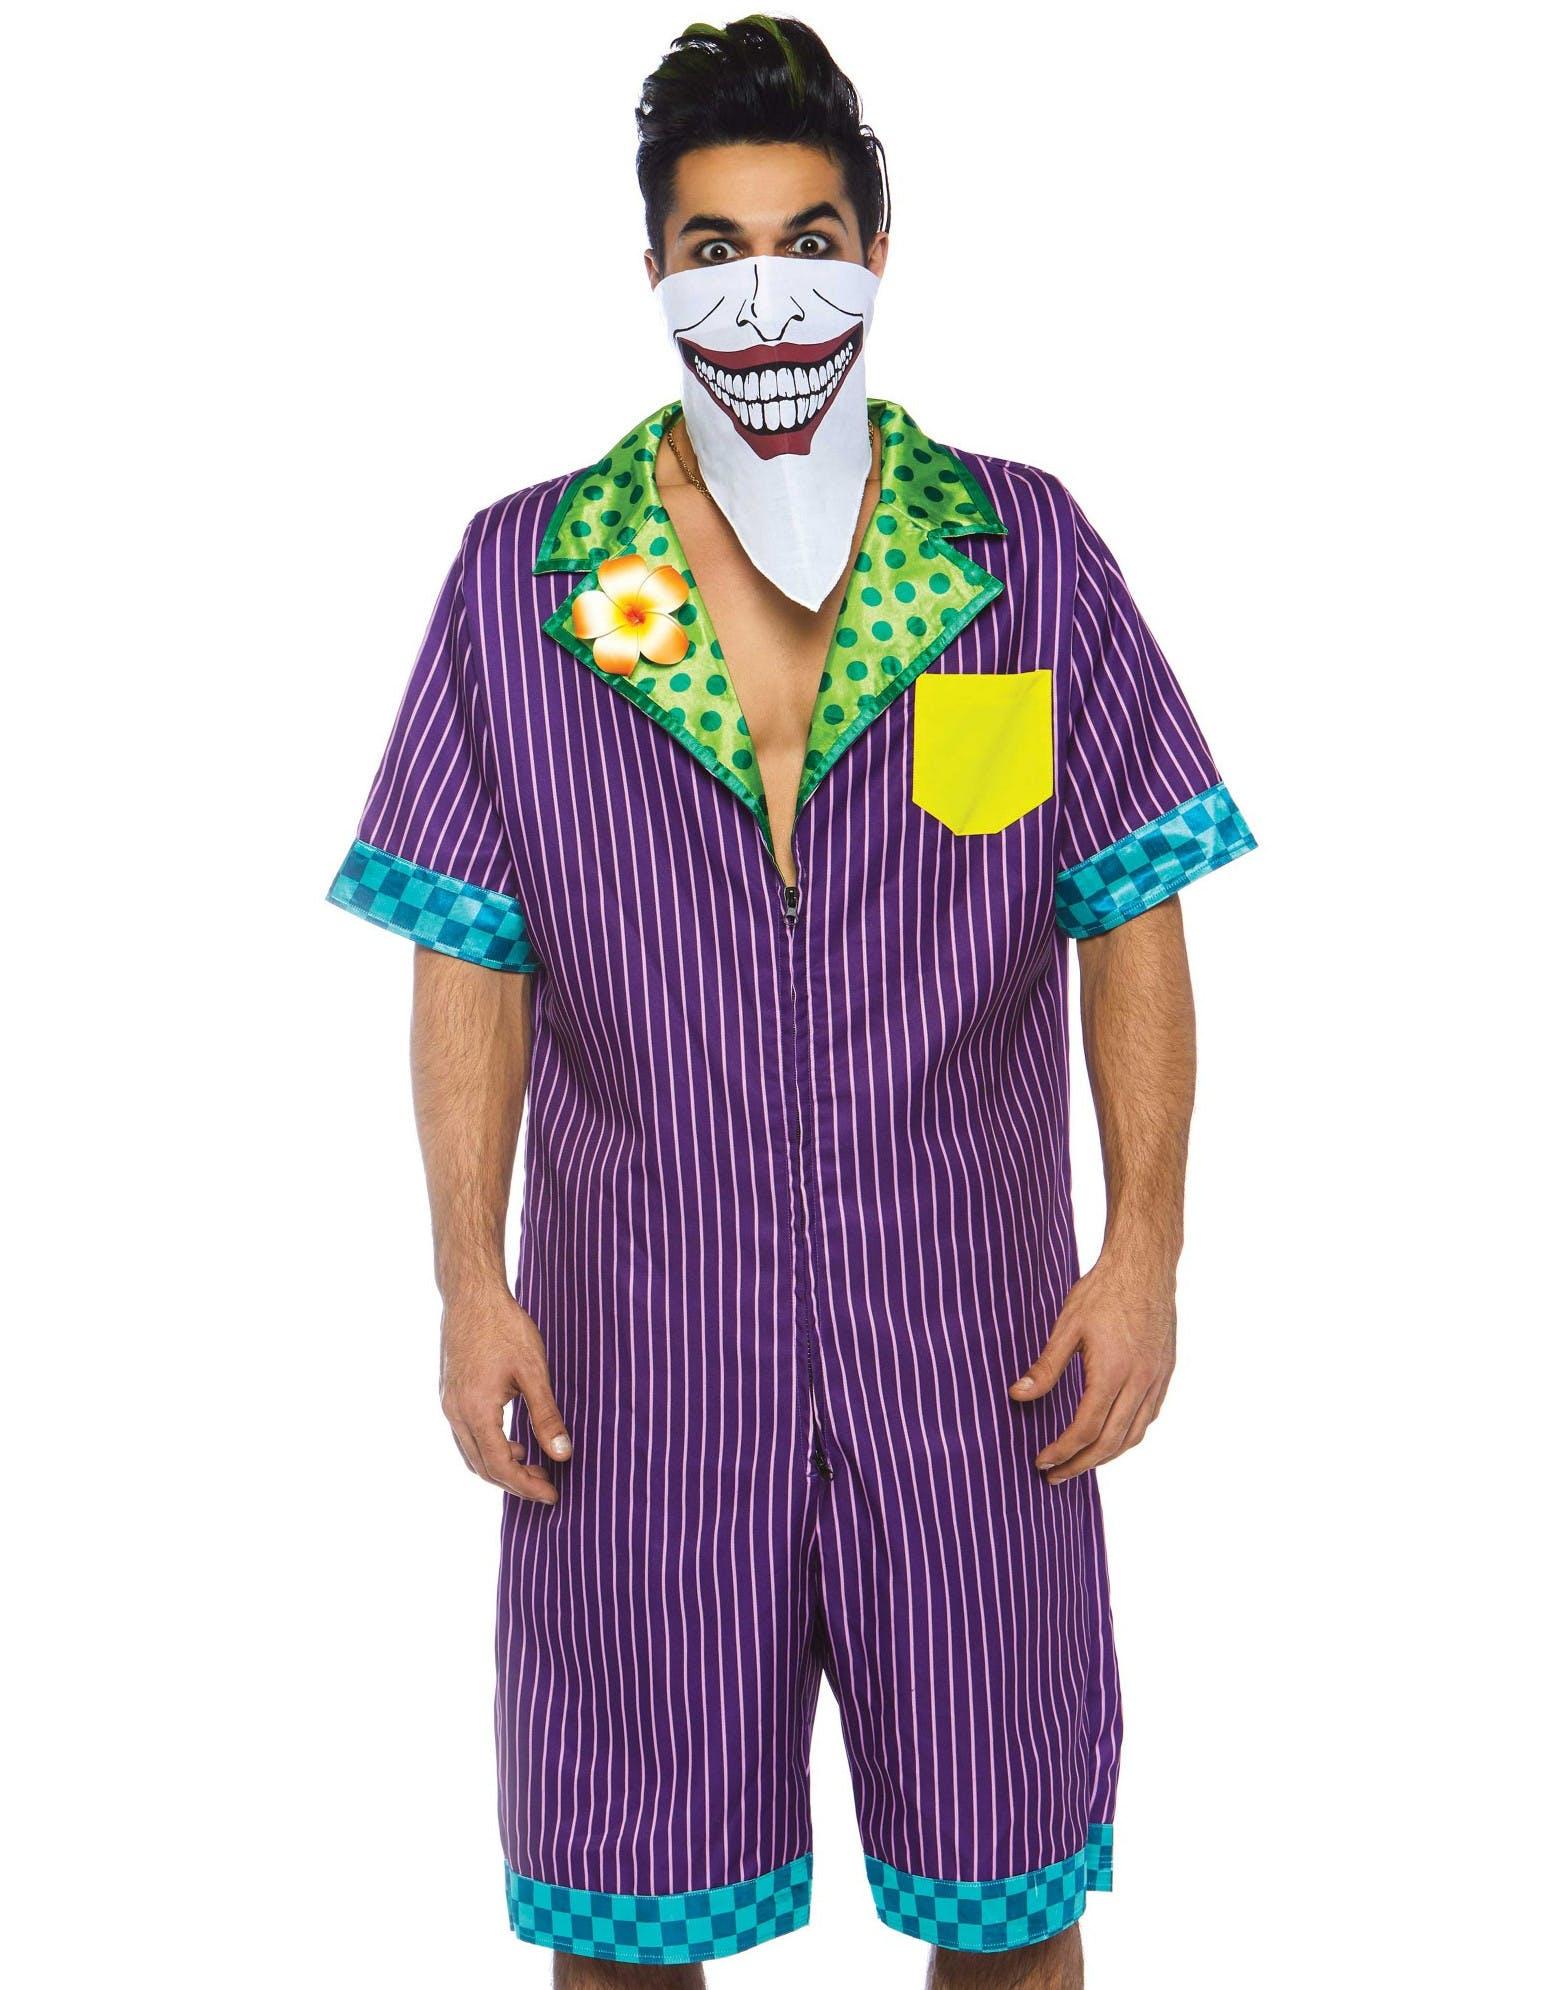 Joker-Inspirerad Maskeraddräkt (Herr) - The Joker - Superhjältar och ... aa4dd97113dd8